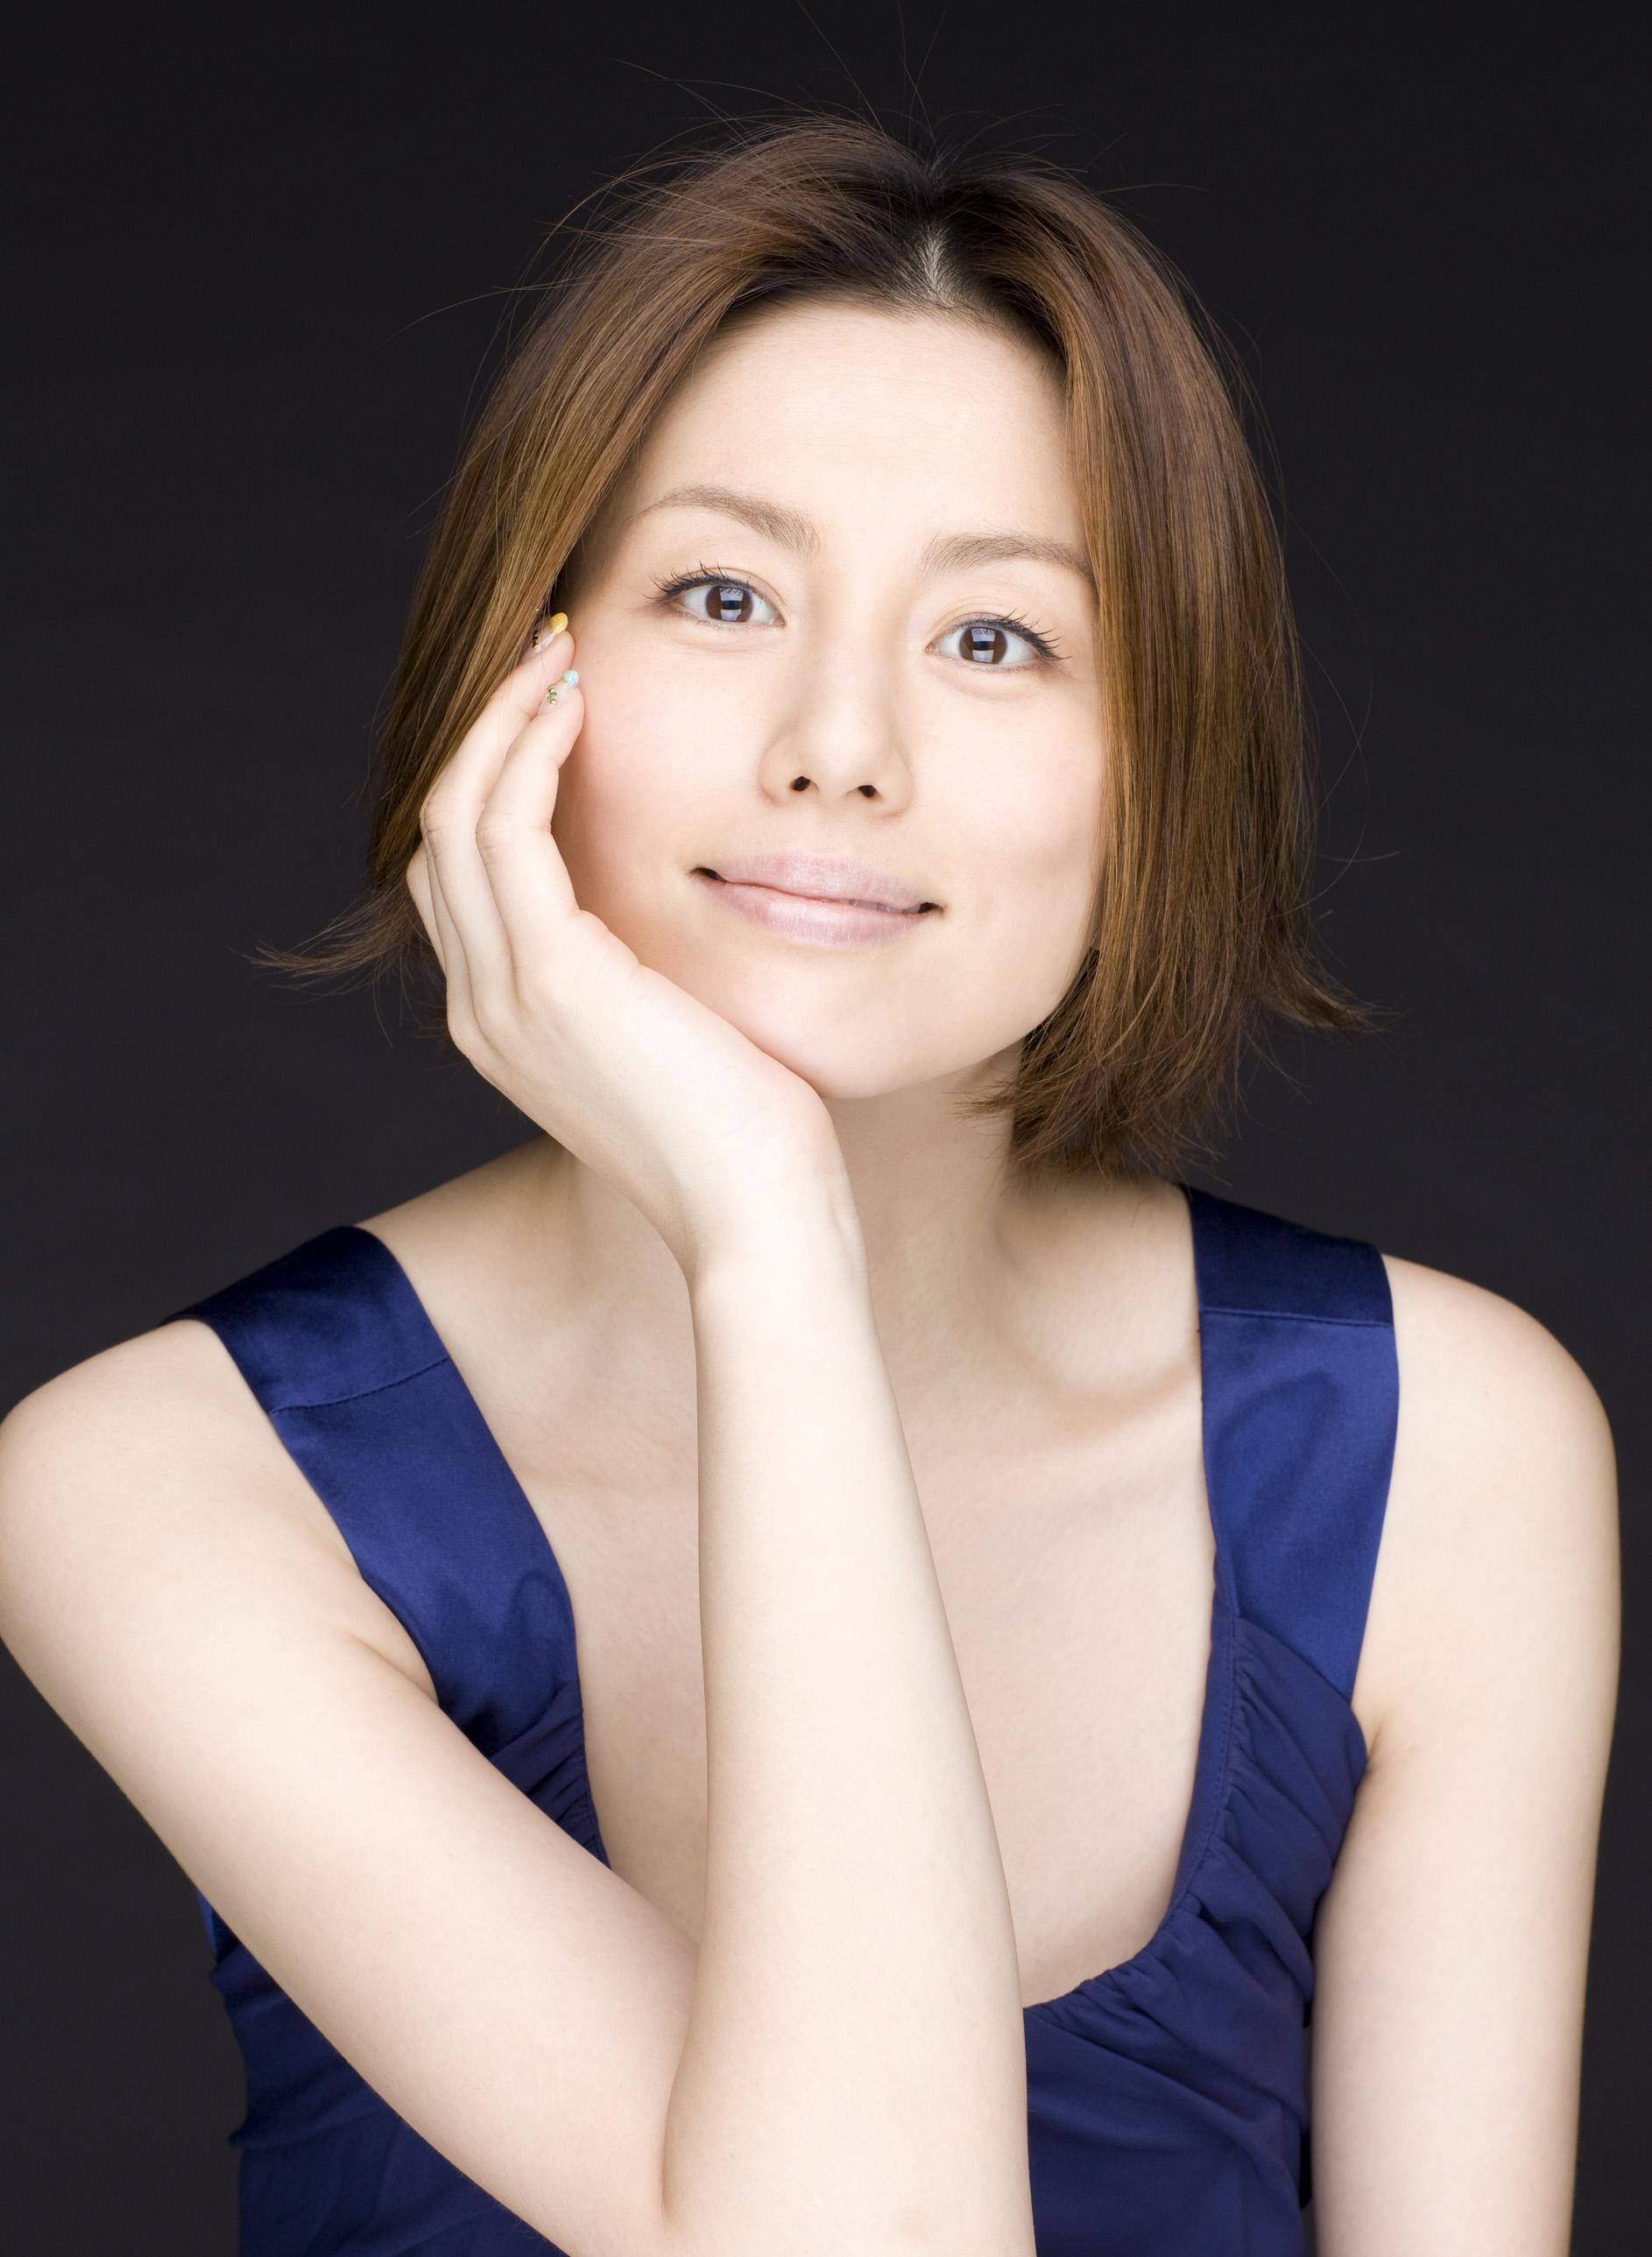 米倉涼子の身長は何センチ?脚が長すぎて競演NG俳優がいるって本当?のサムネイル画像